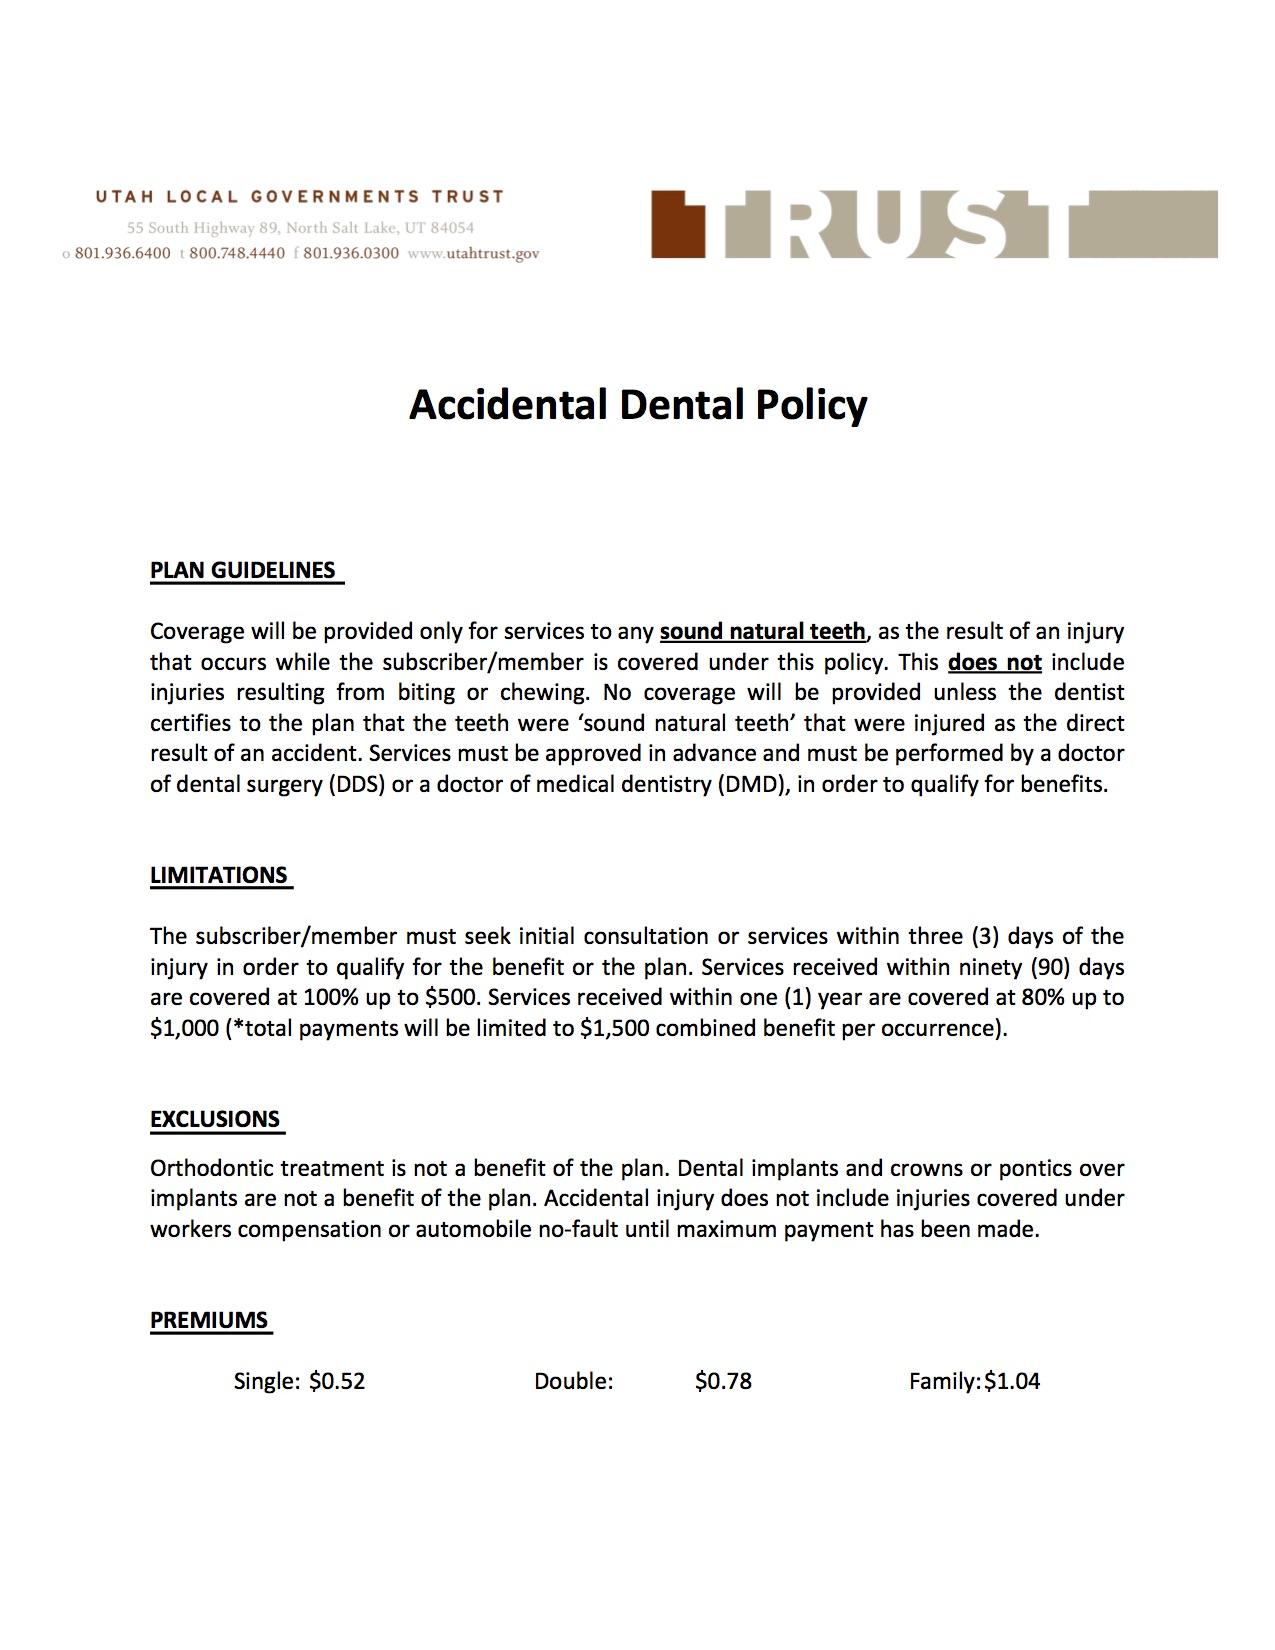 Accidental Dental Flyer